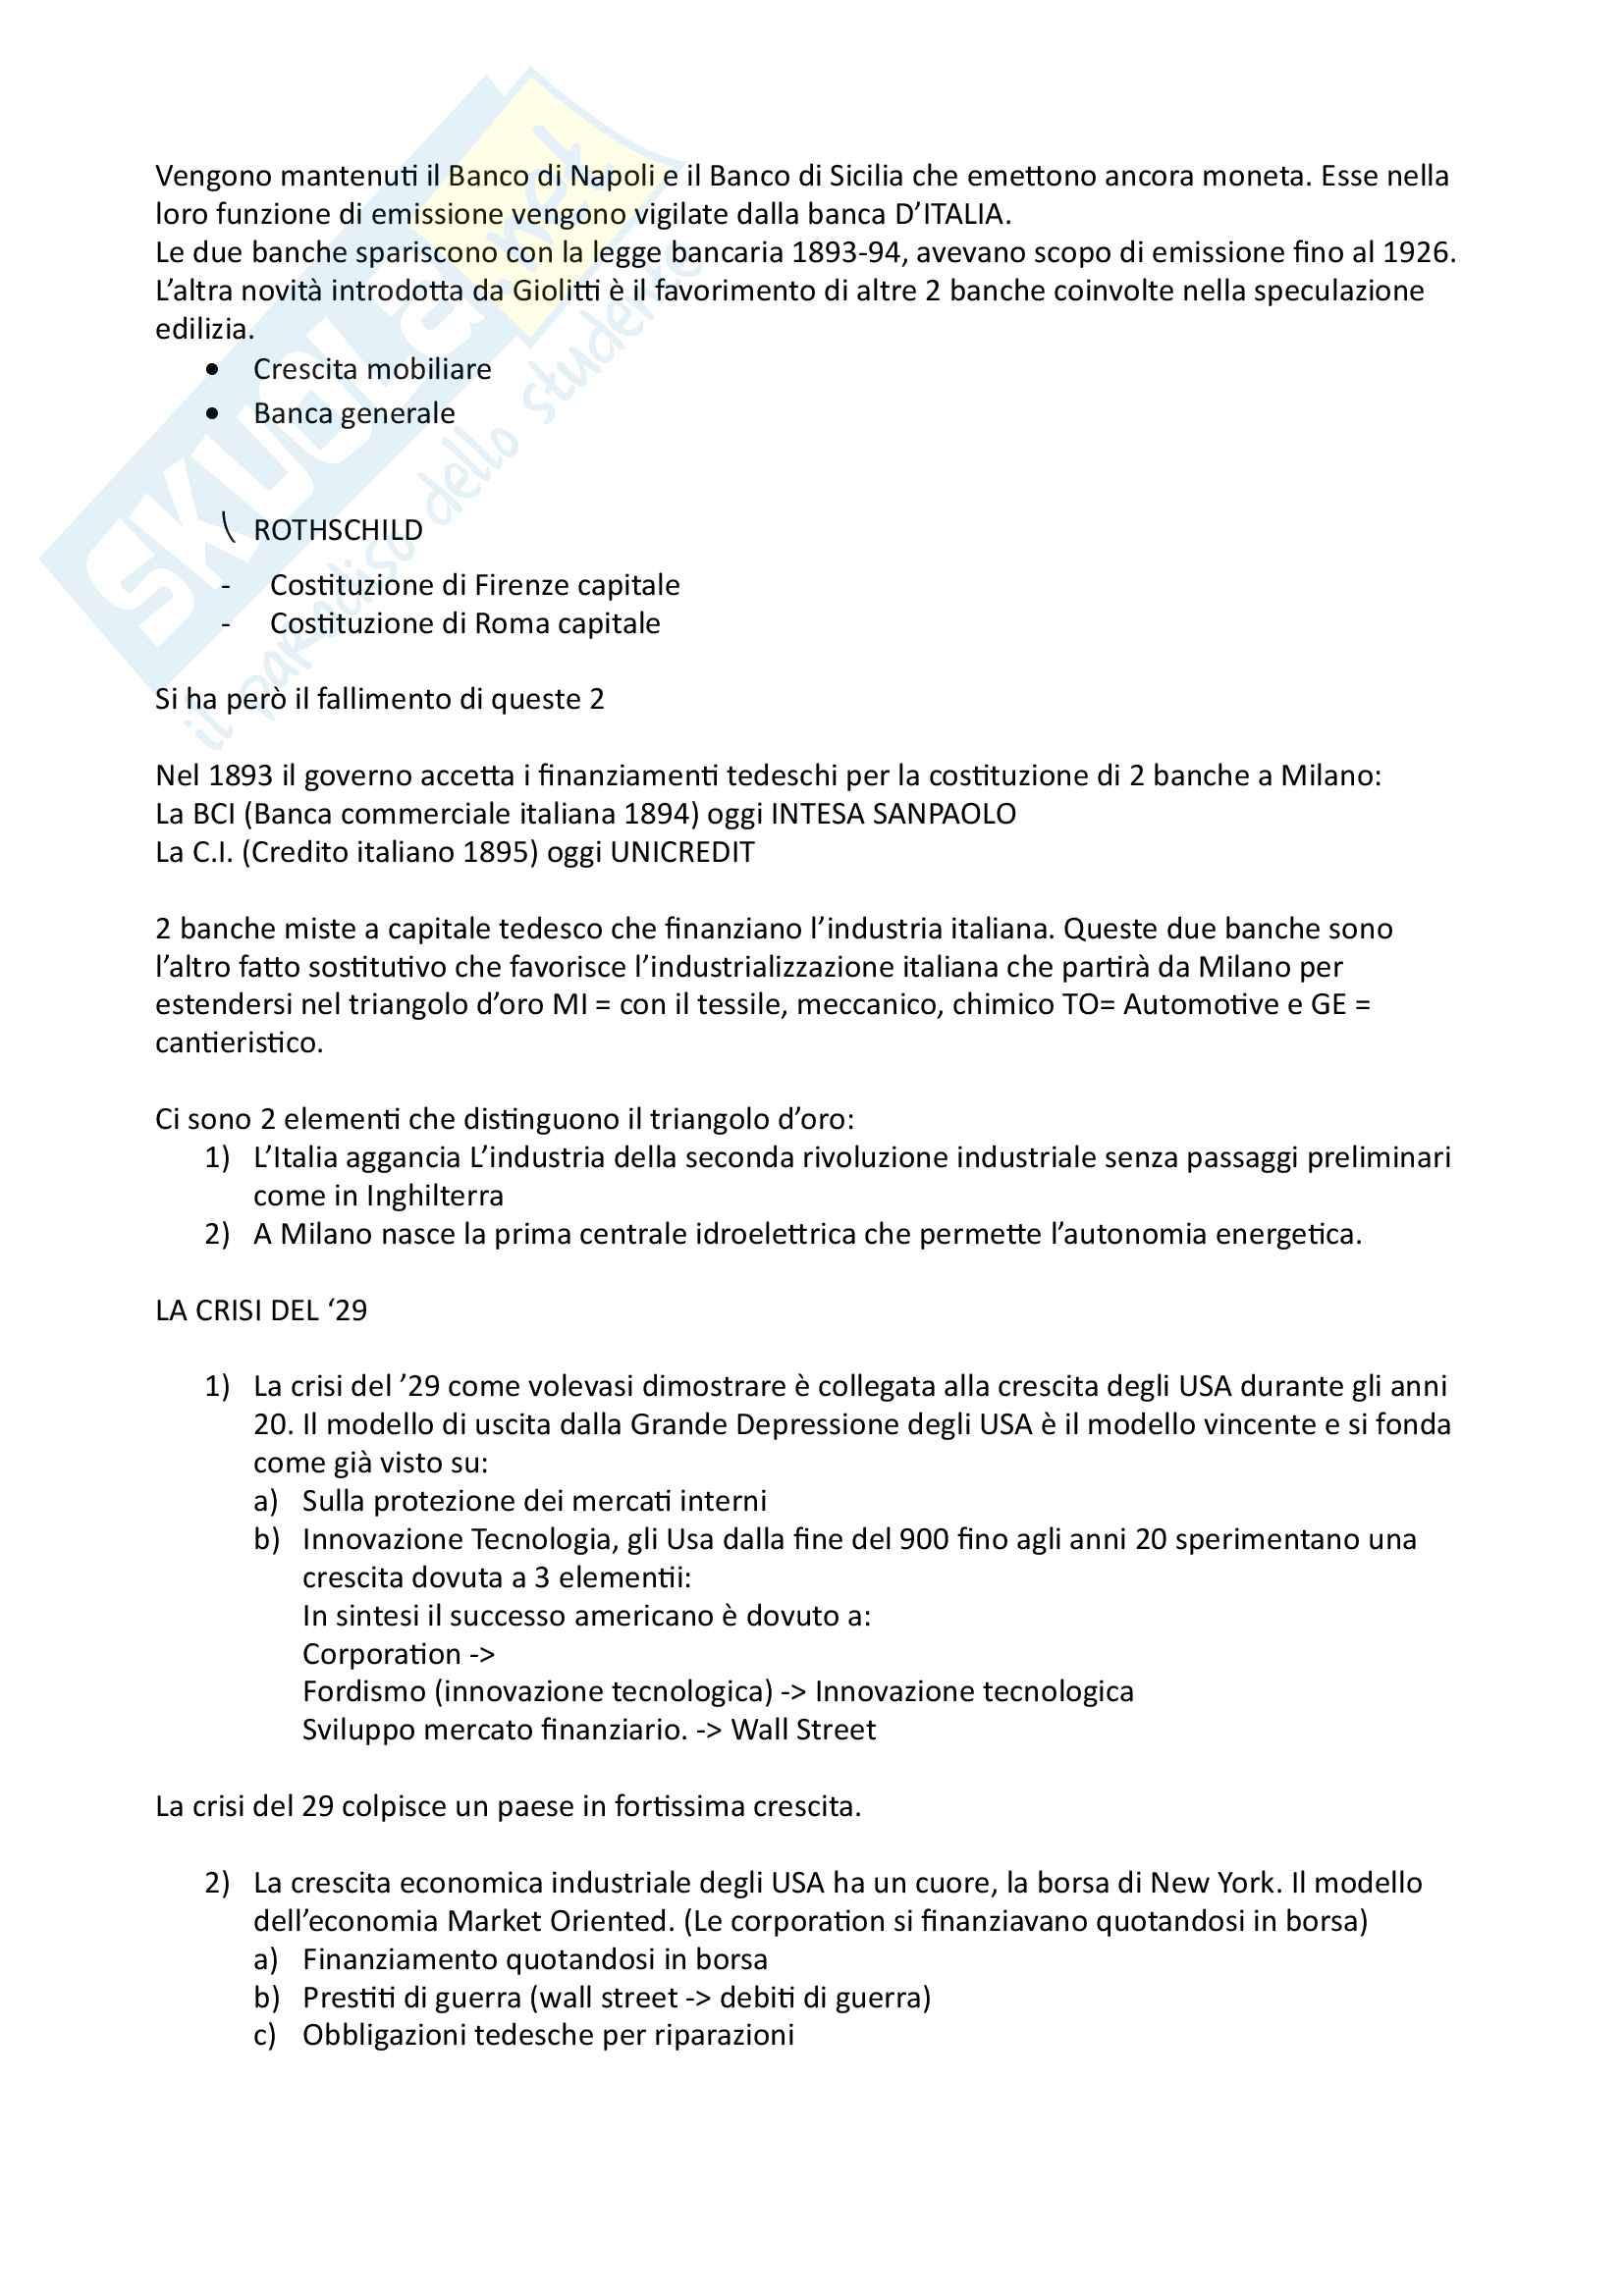 Storia Economica Locatelli Modulo B (Secondo Parziale) Pag. 11